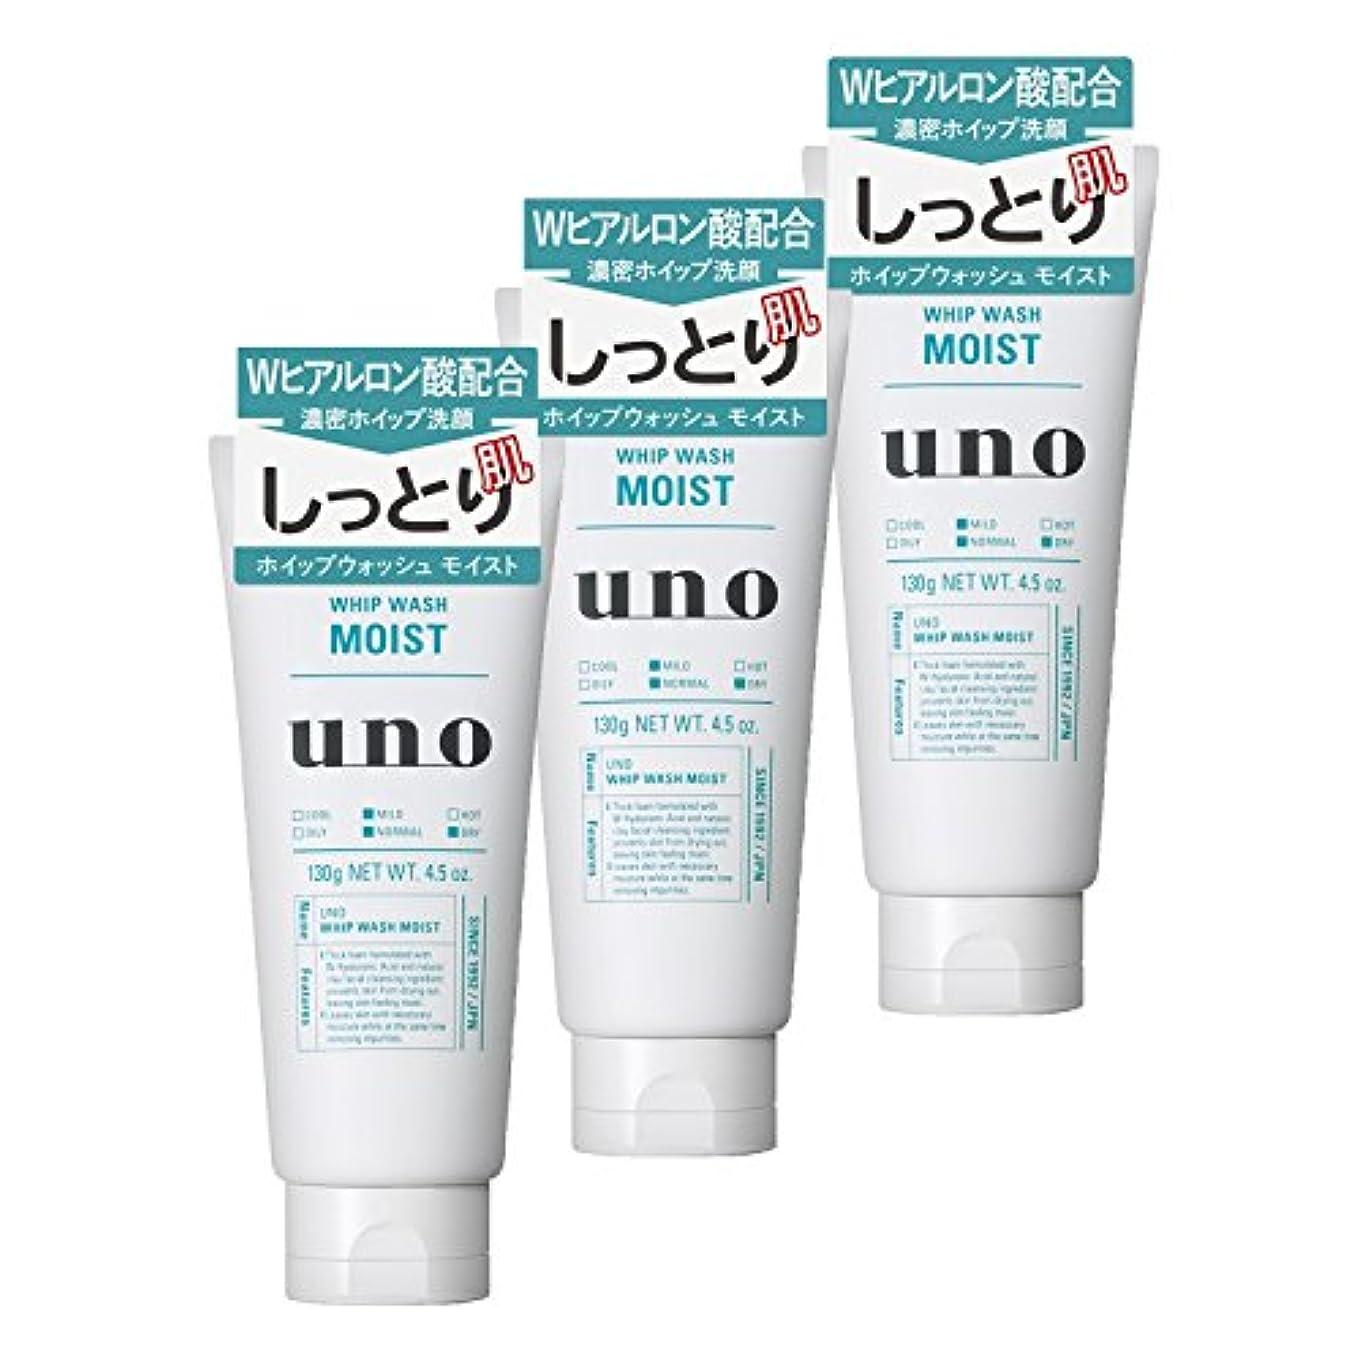 葉機動障害者【まとめ買い】 ウーノ ホイップウォッシュ (モイスト) 洗顔料 130g×3個